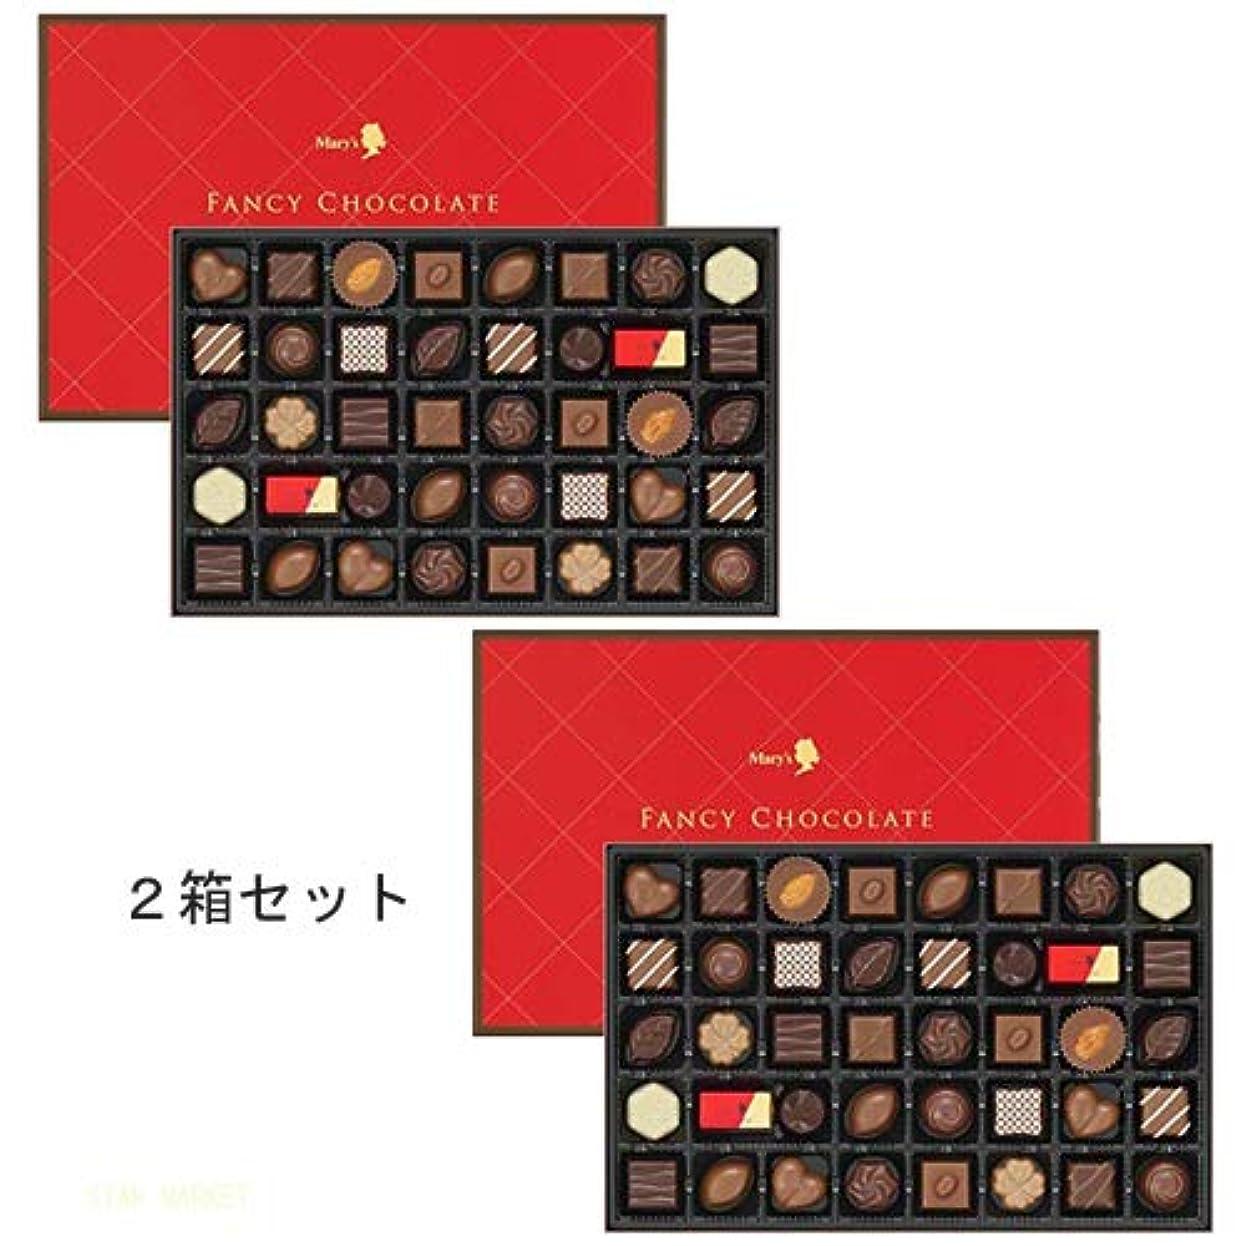 協力するアリス誤メリーチョコレート ファンシーチョコレート 40個入×2箱セット